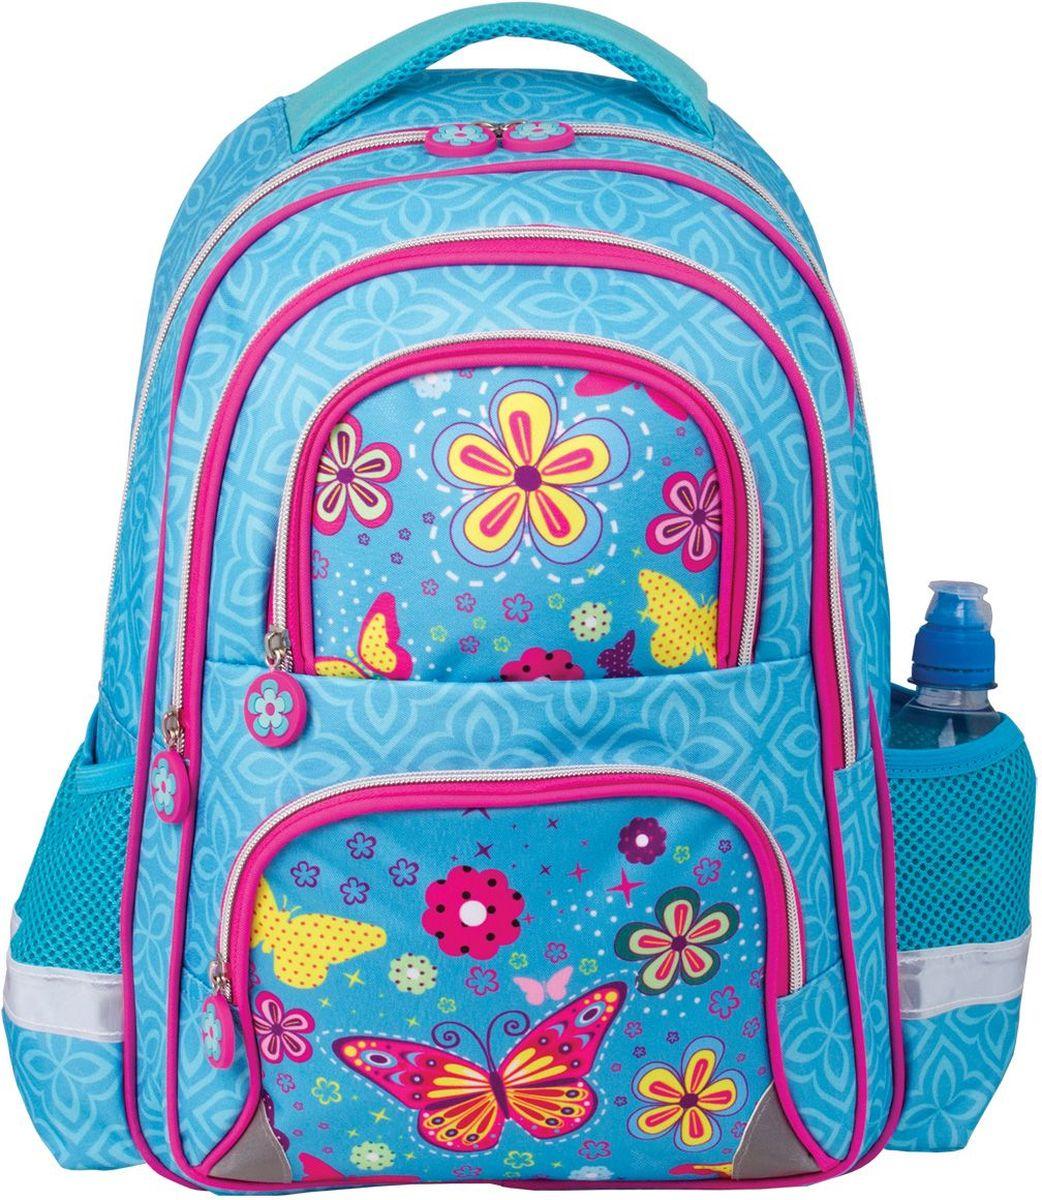 Brauberg Рюкзак Махаон226388Рюкзак Brauberg предназначен для девочек 7-10 лет. Модель выполнена в приятном бирюзовом цвете, дополнена оригинальным весенне-летним принтом. Благодаря яркой расцветке и надежной конструкции, с этим рюкзаком ваш ребенок всегда будет выглядеть нарядно и опрятно.Рюкзак имеет два основных отделения, которые закрываются на застежки-молнии, два кармана на молниях на лицевой стороне и два открытых боковых кармана. Рюкзак имеет формоустойчивую спинку, широкие регулируемые лямки, светоотражающие элементы и текстильную ручку для переноски в руке.